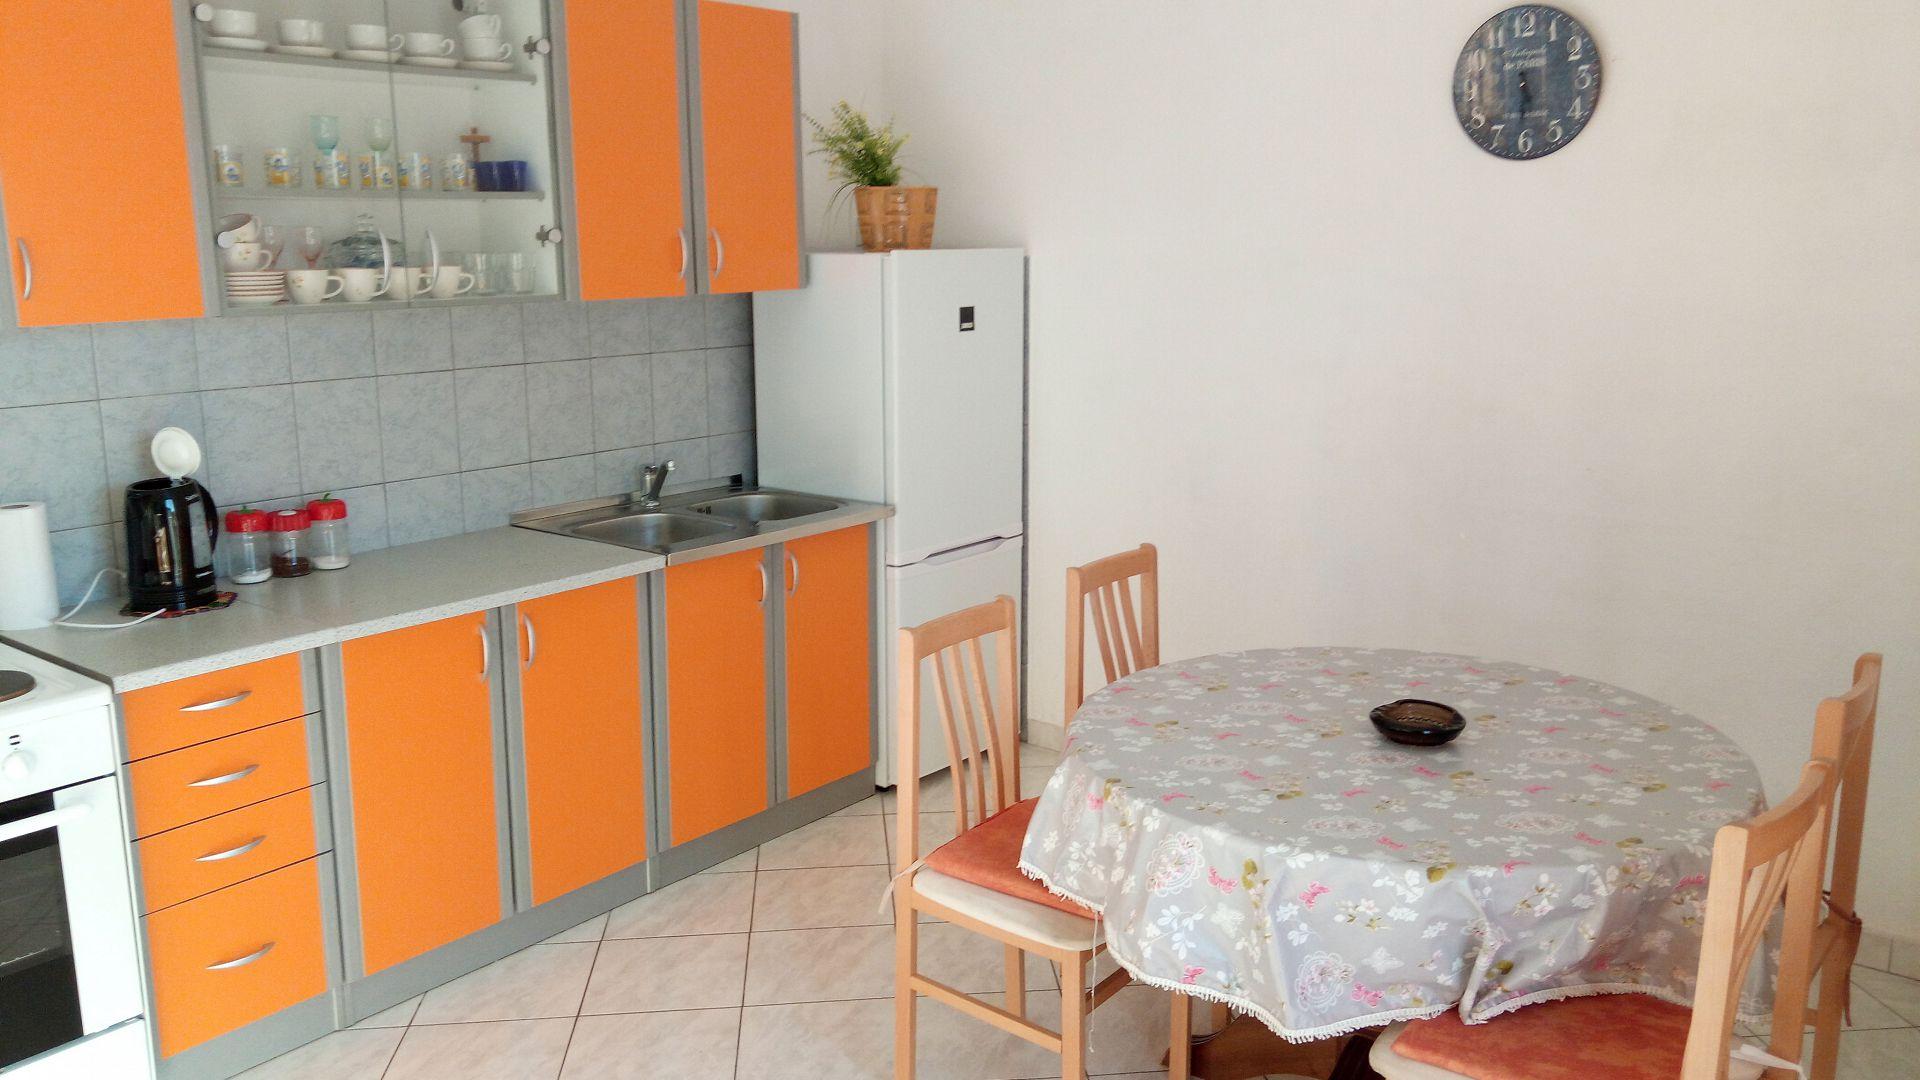 Marijica - Okrug Gornji - Ferienwohnungen Kroatien - A1(6): Küche und Speisezimmer